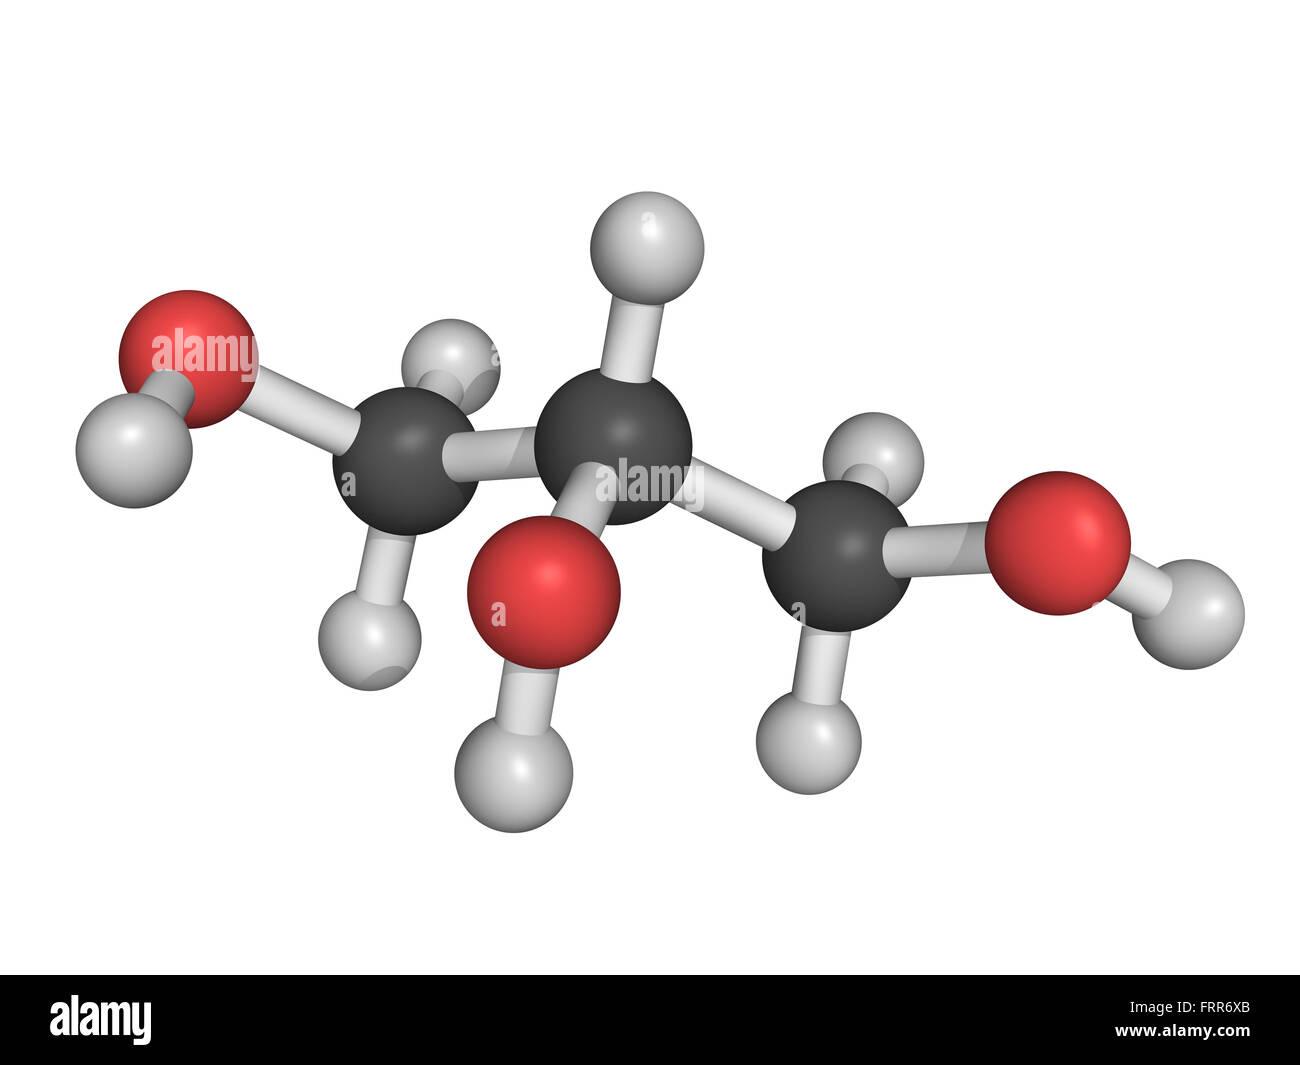 glycerol molecule model